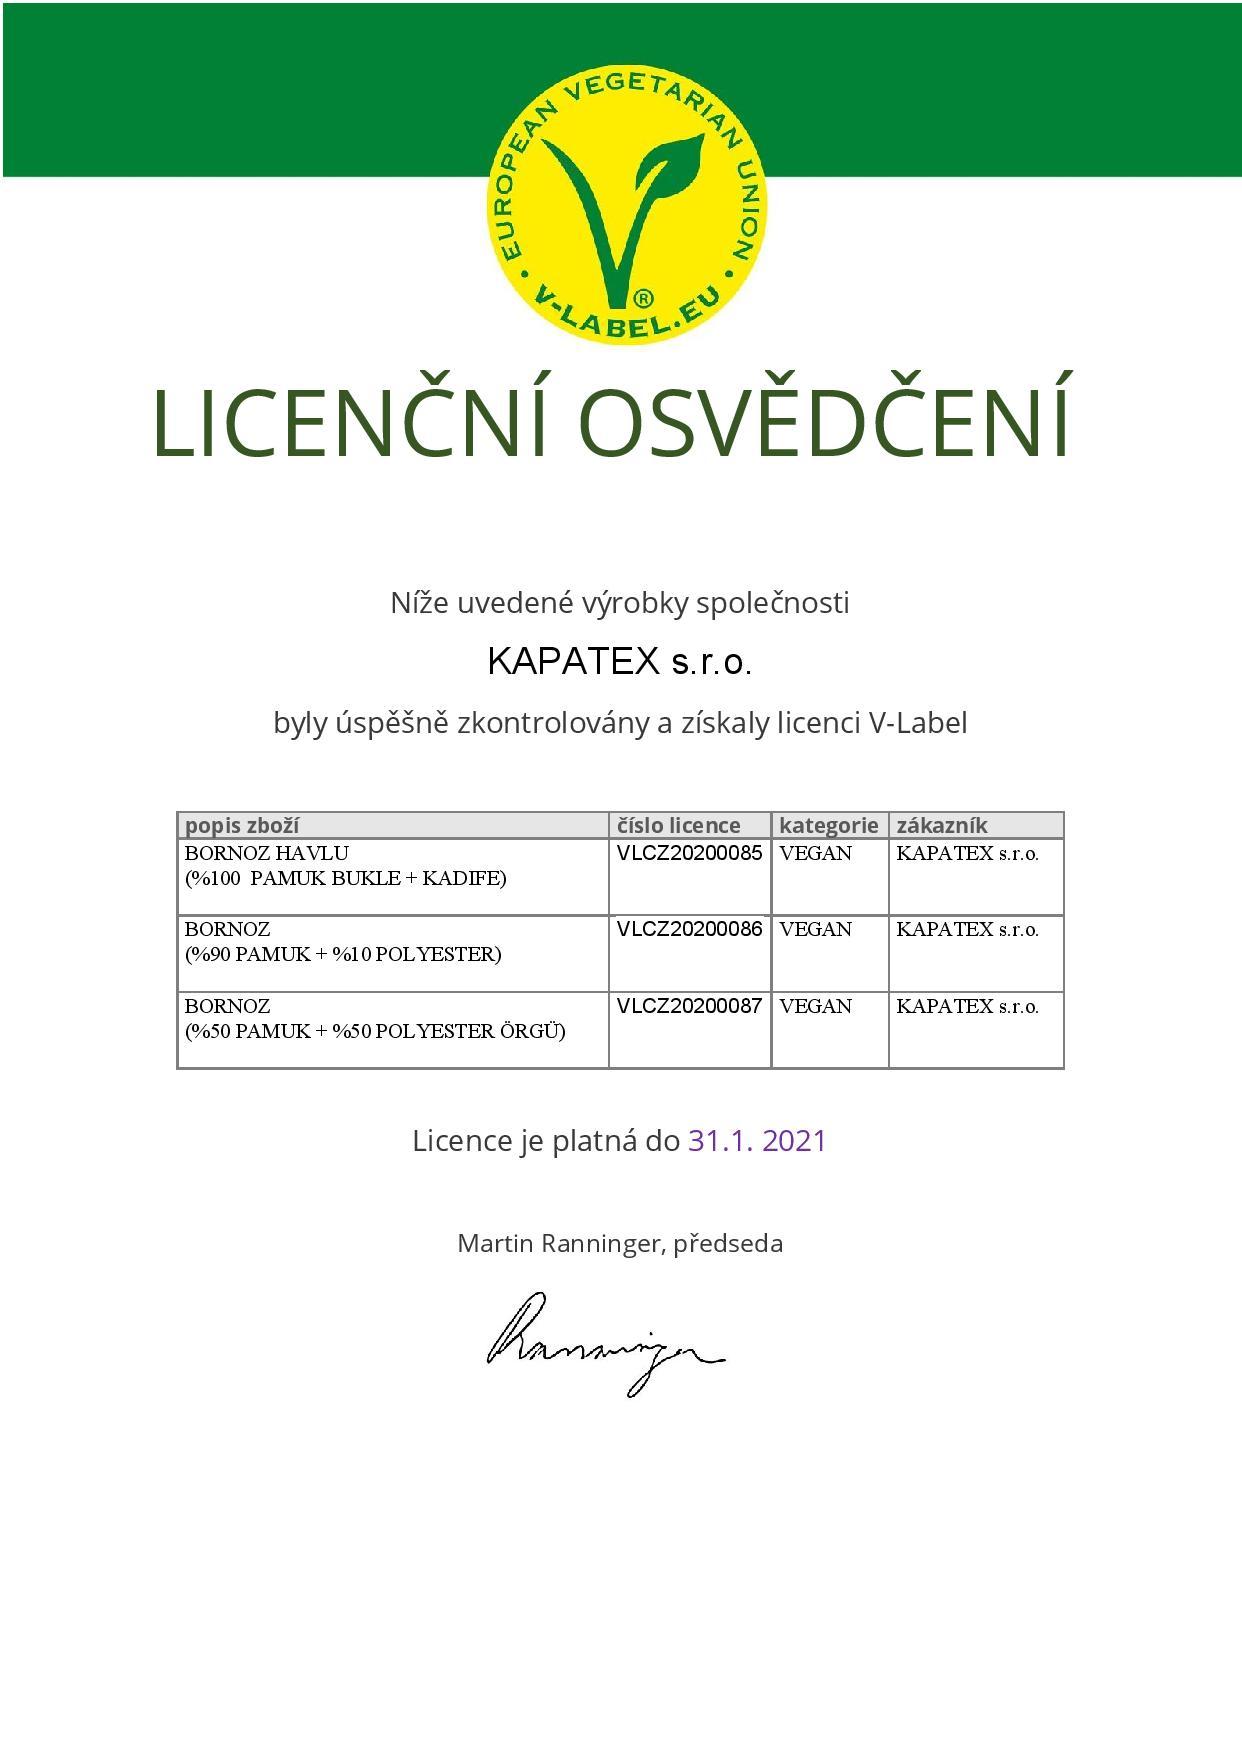 certifikát v-label